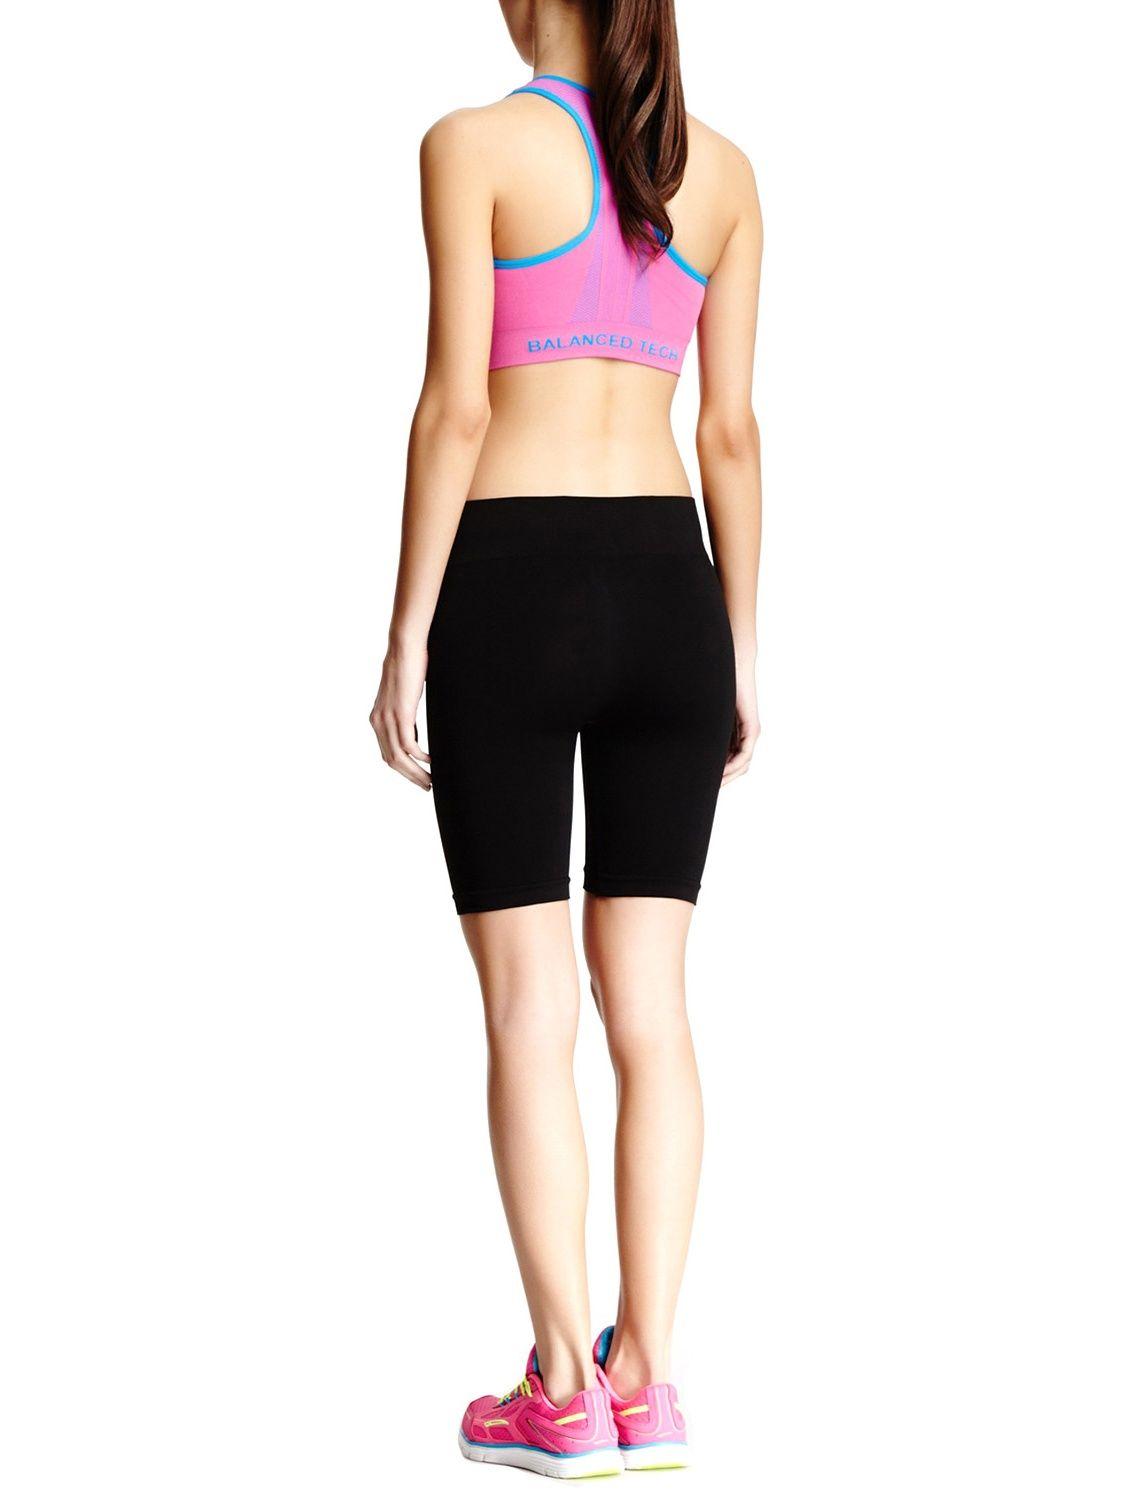 6e3d648b19 Balanced Tech Women s Embroidered Jersey Shorts Women